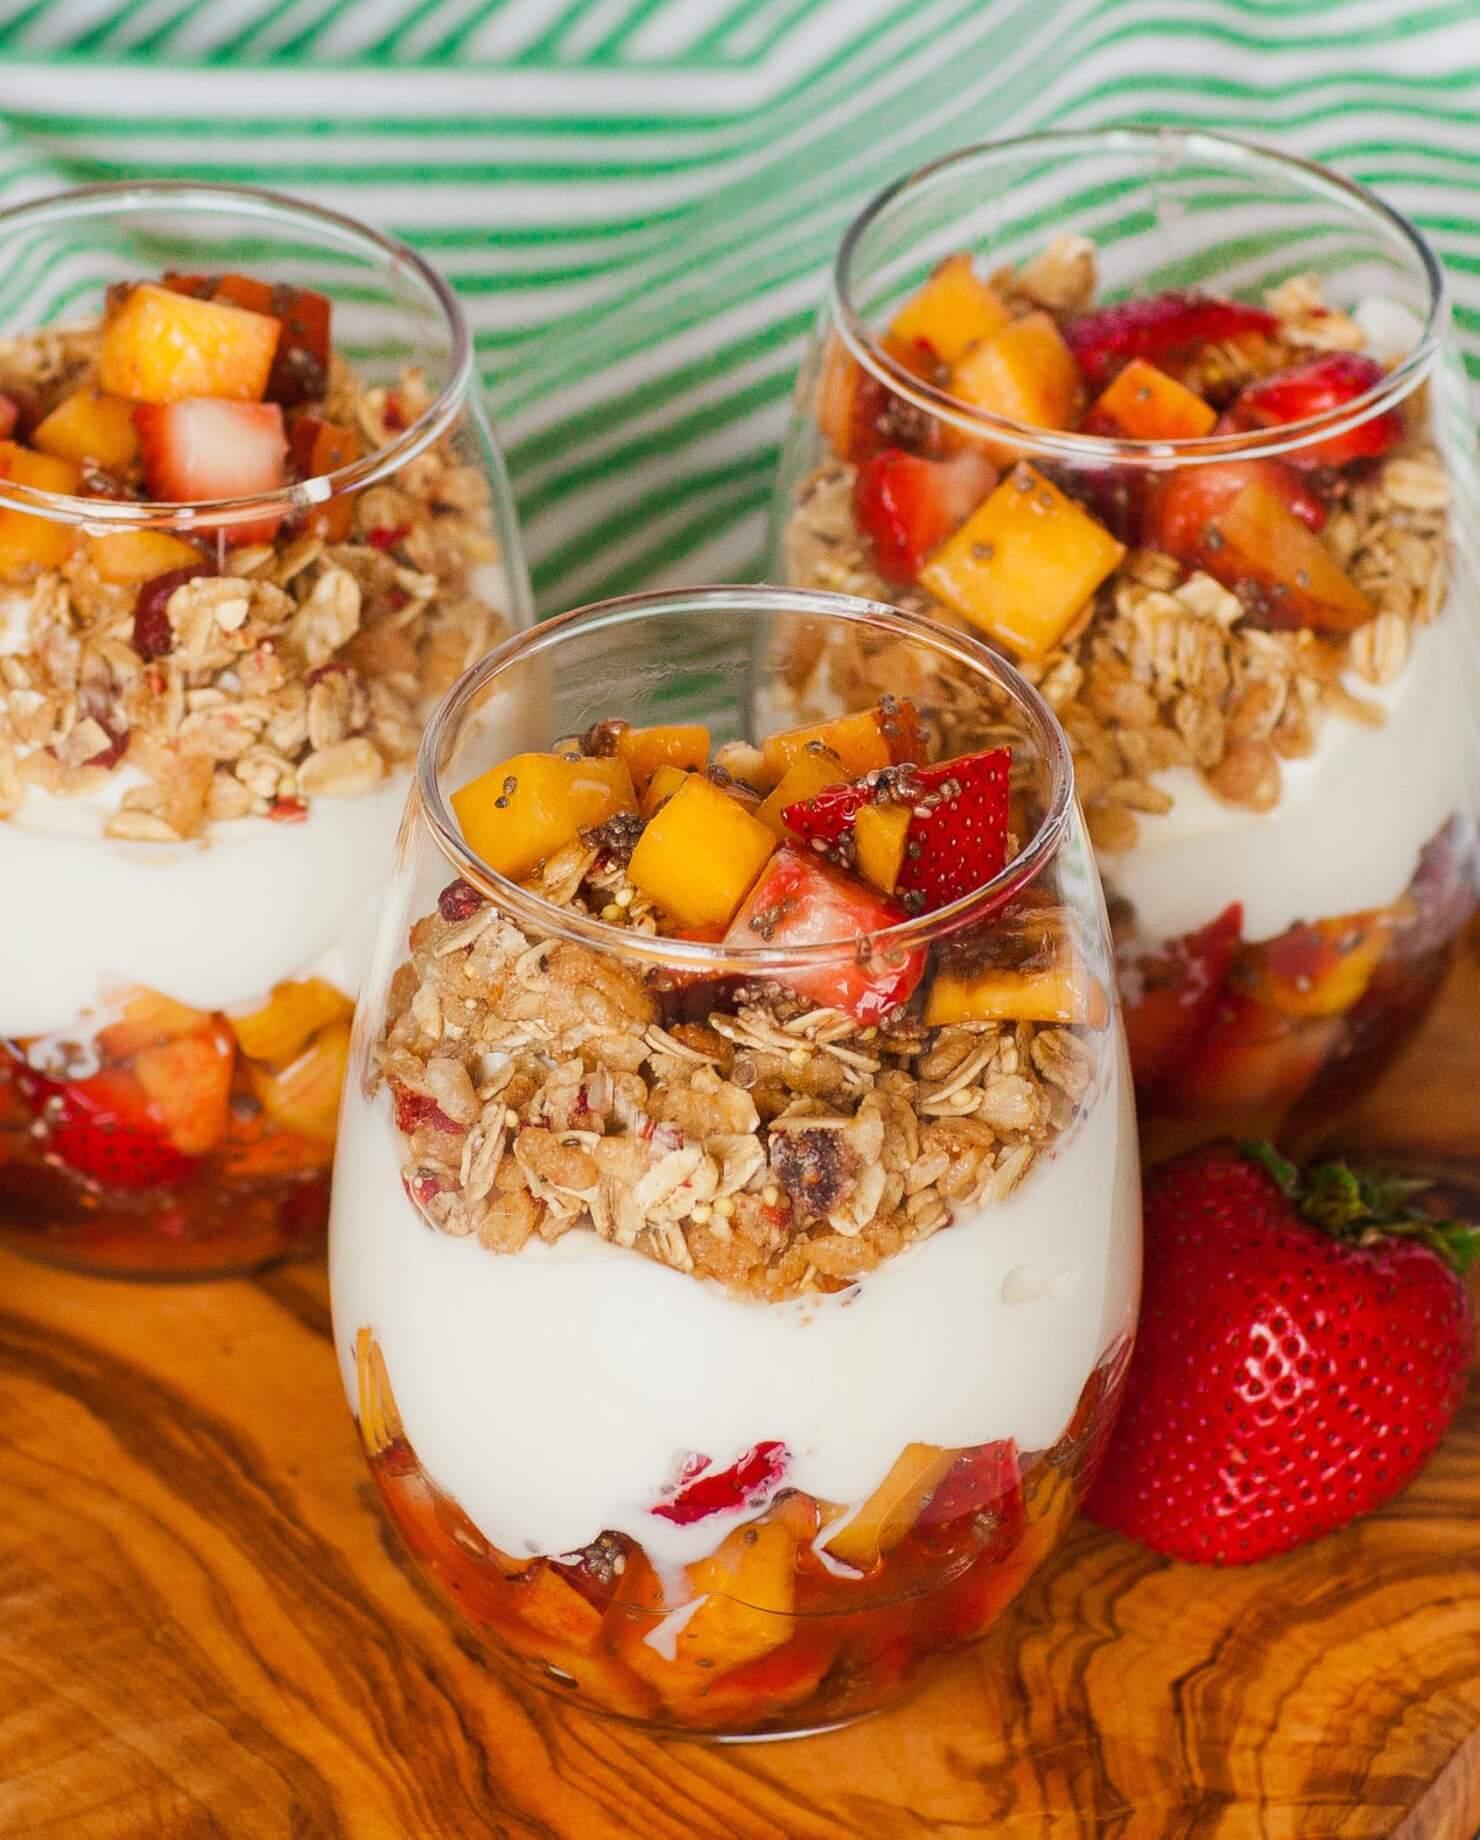 peach and yogurt fruit parfait